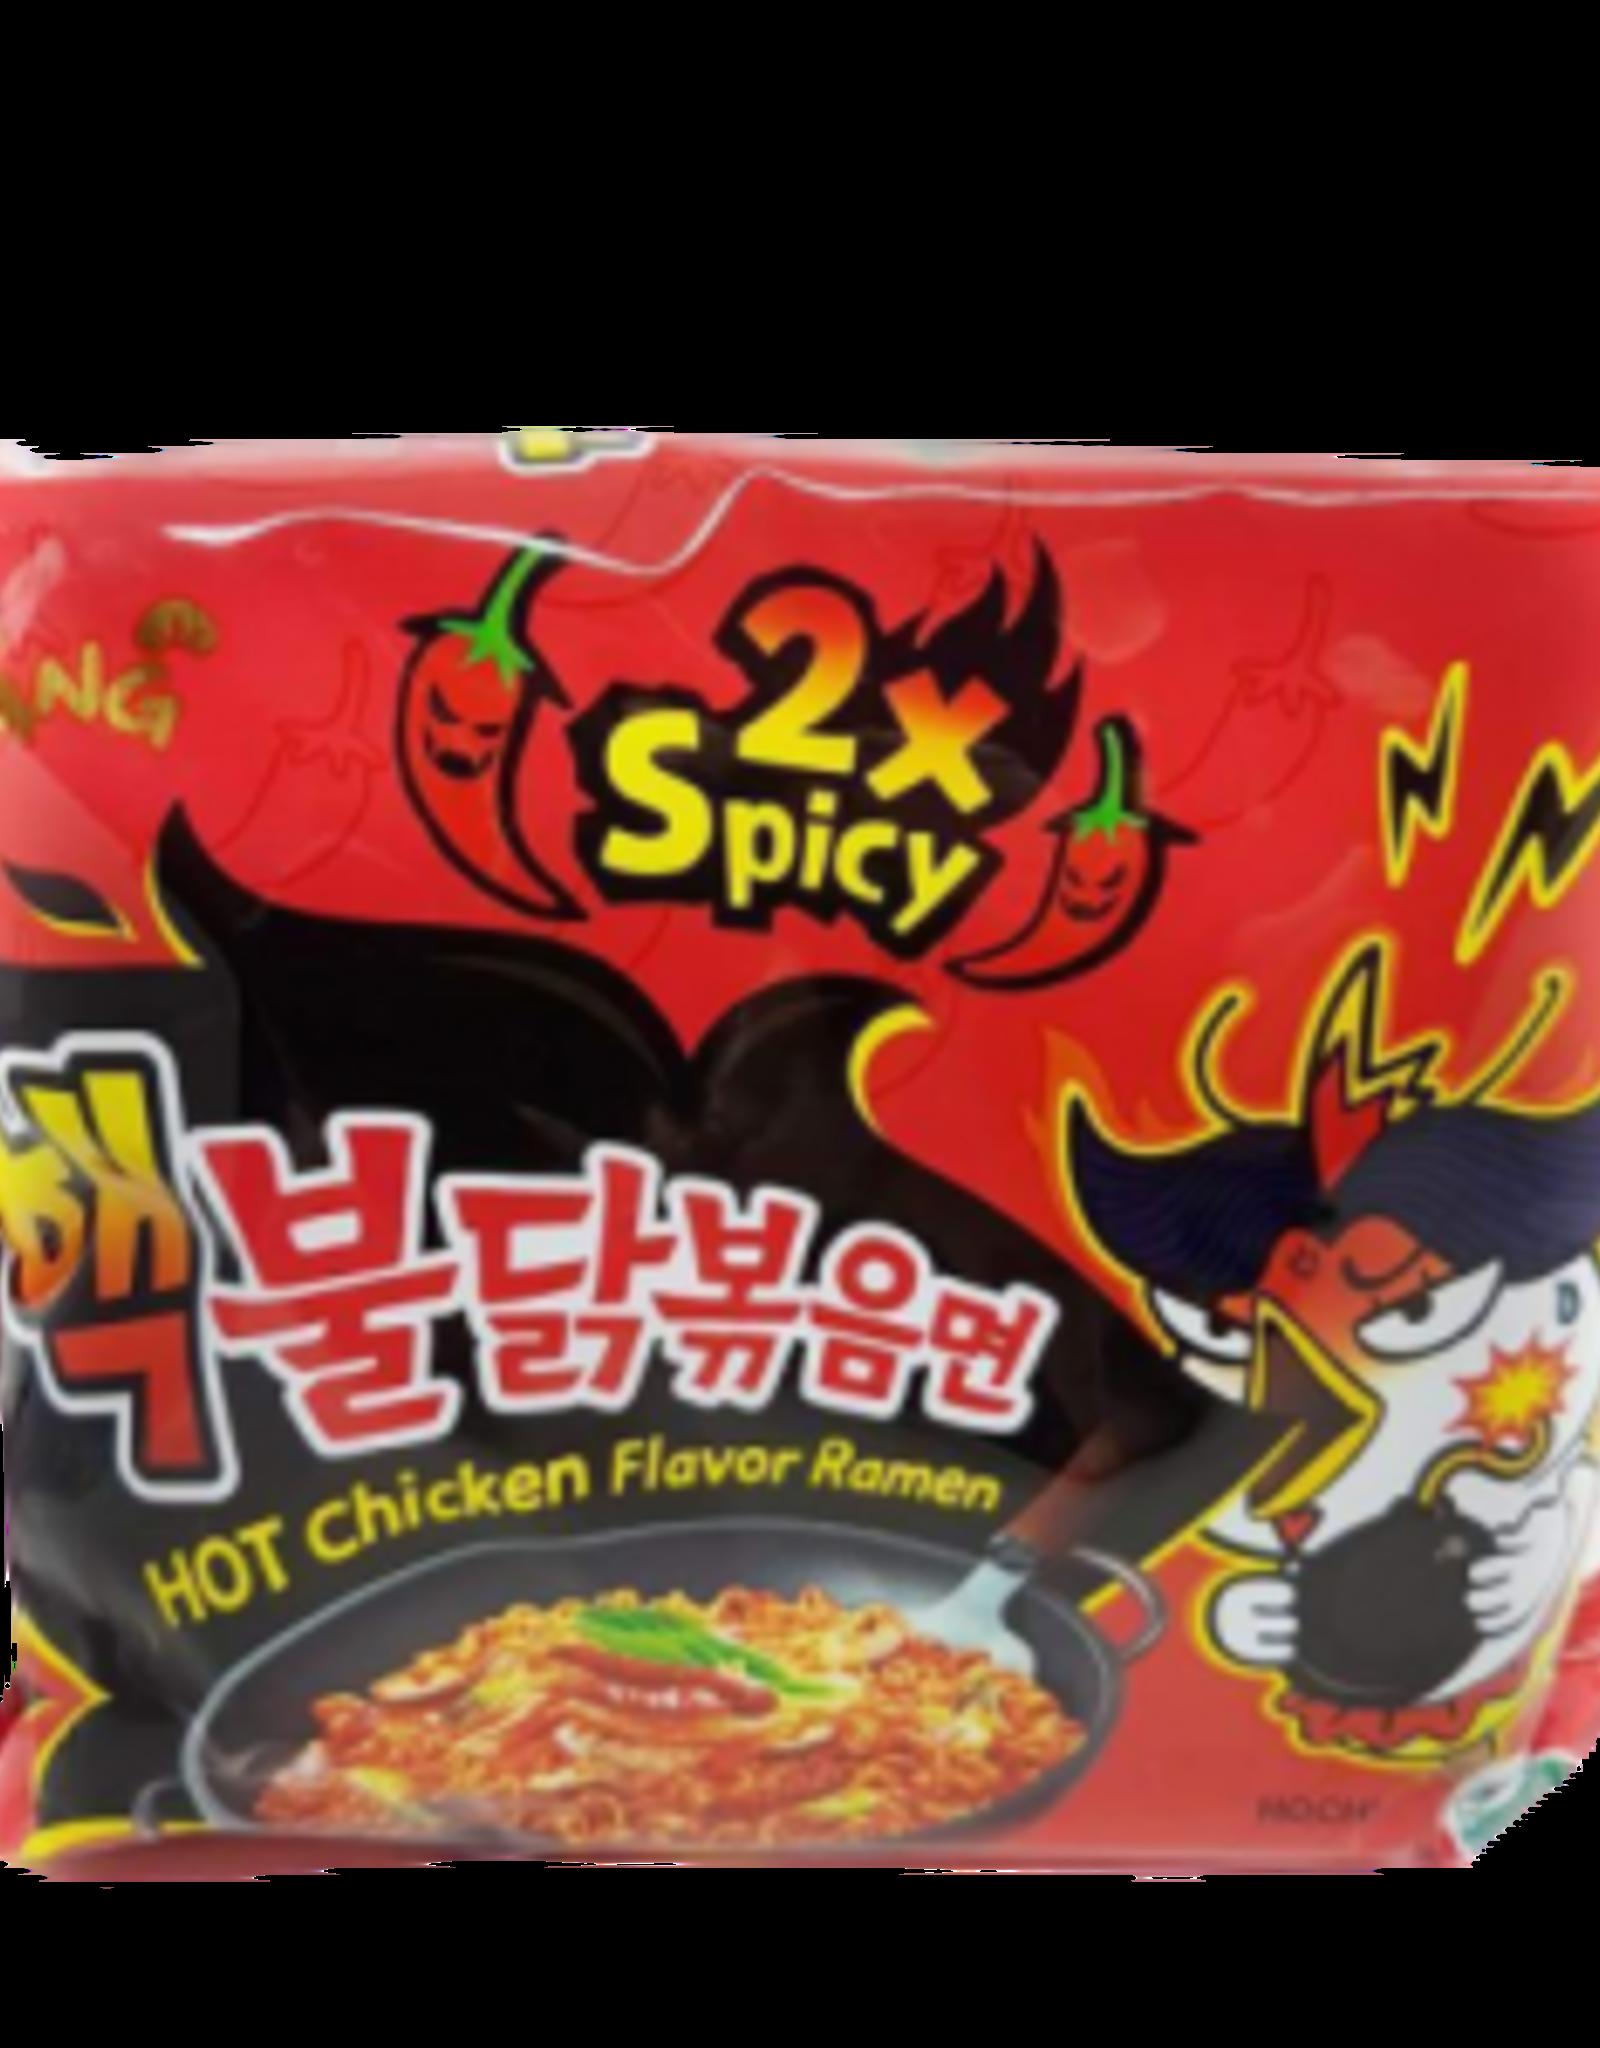 Samyang 2X Spicy Hot Chicken Flavor